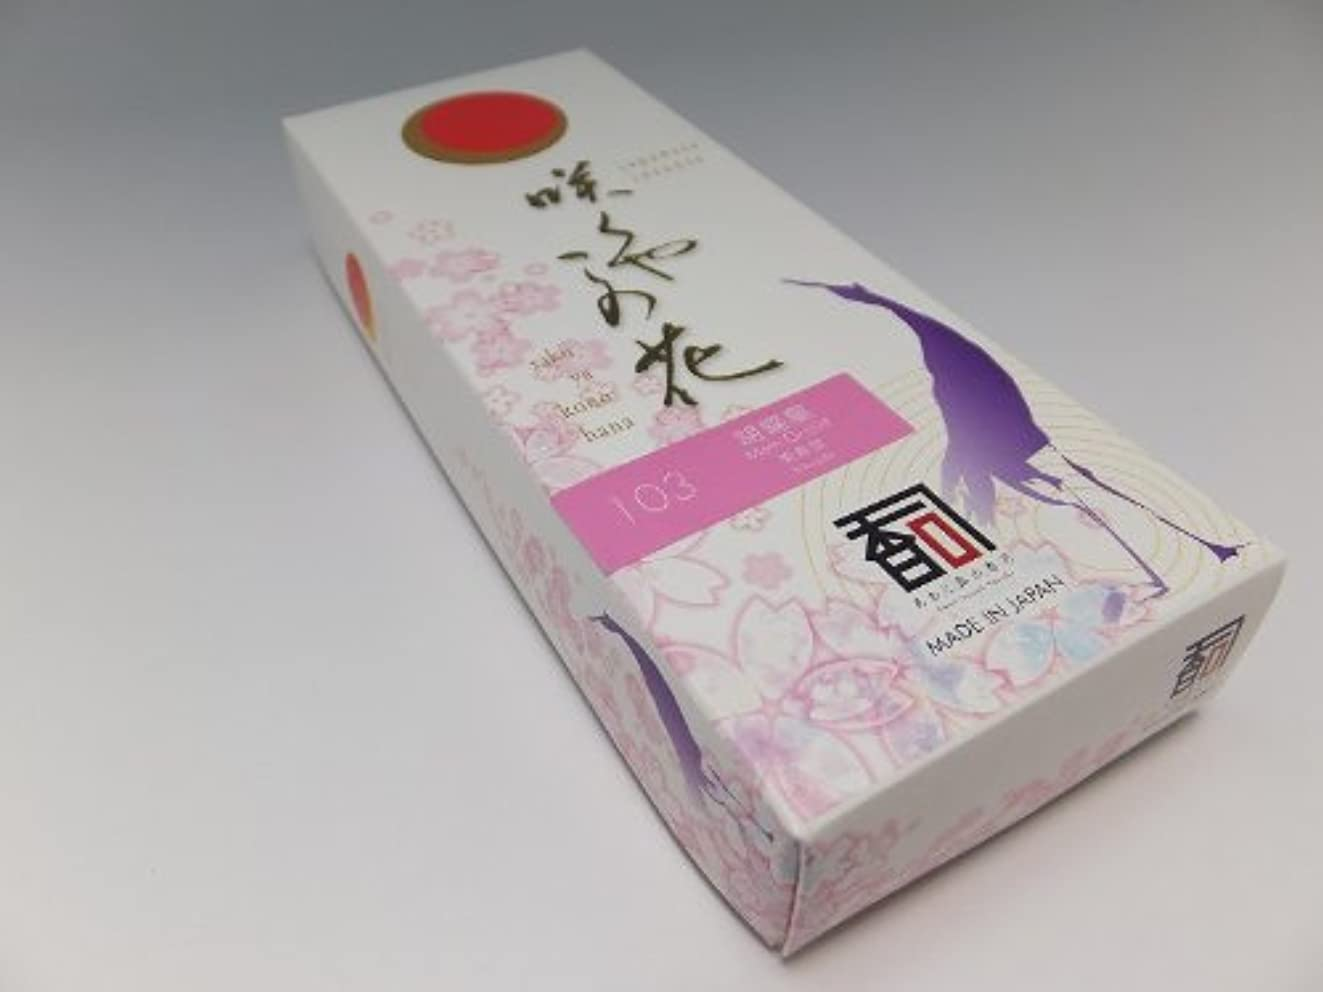 セミナー疲労受ける「あわじ島の香司」 日本の香りシリーズ  [咲くや この花] 【103】 胡蝶蘭 (有煙)